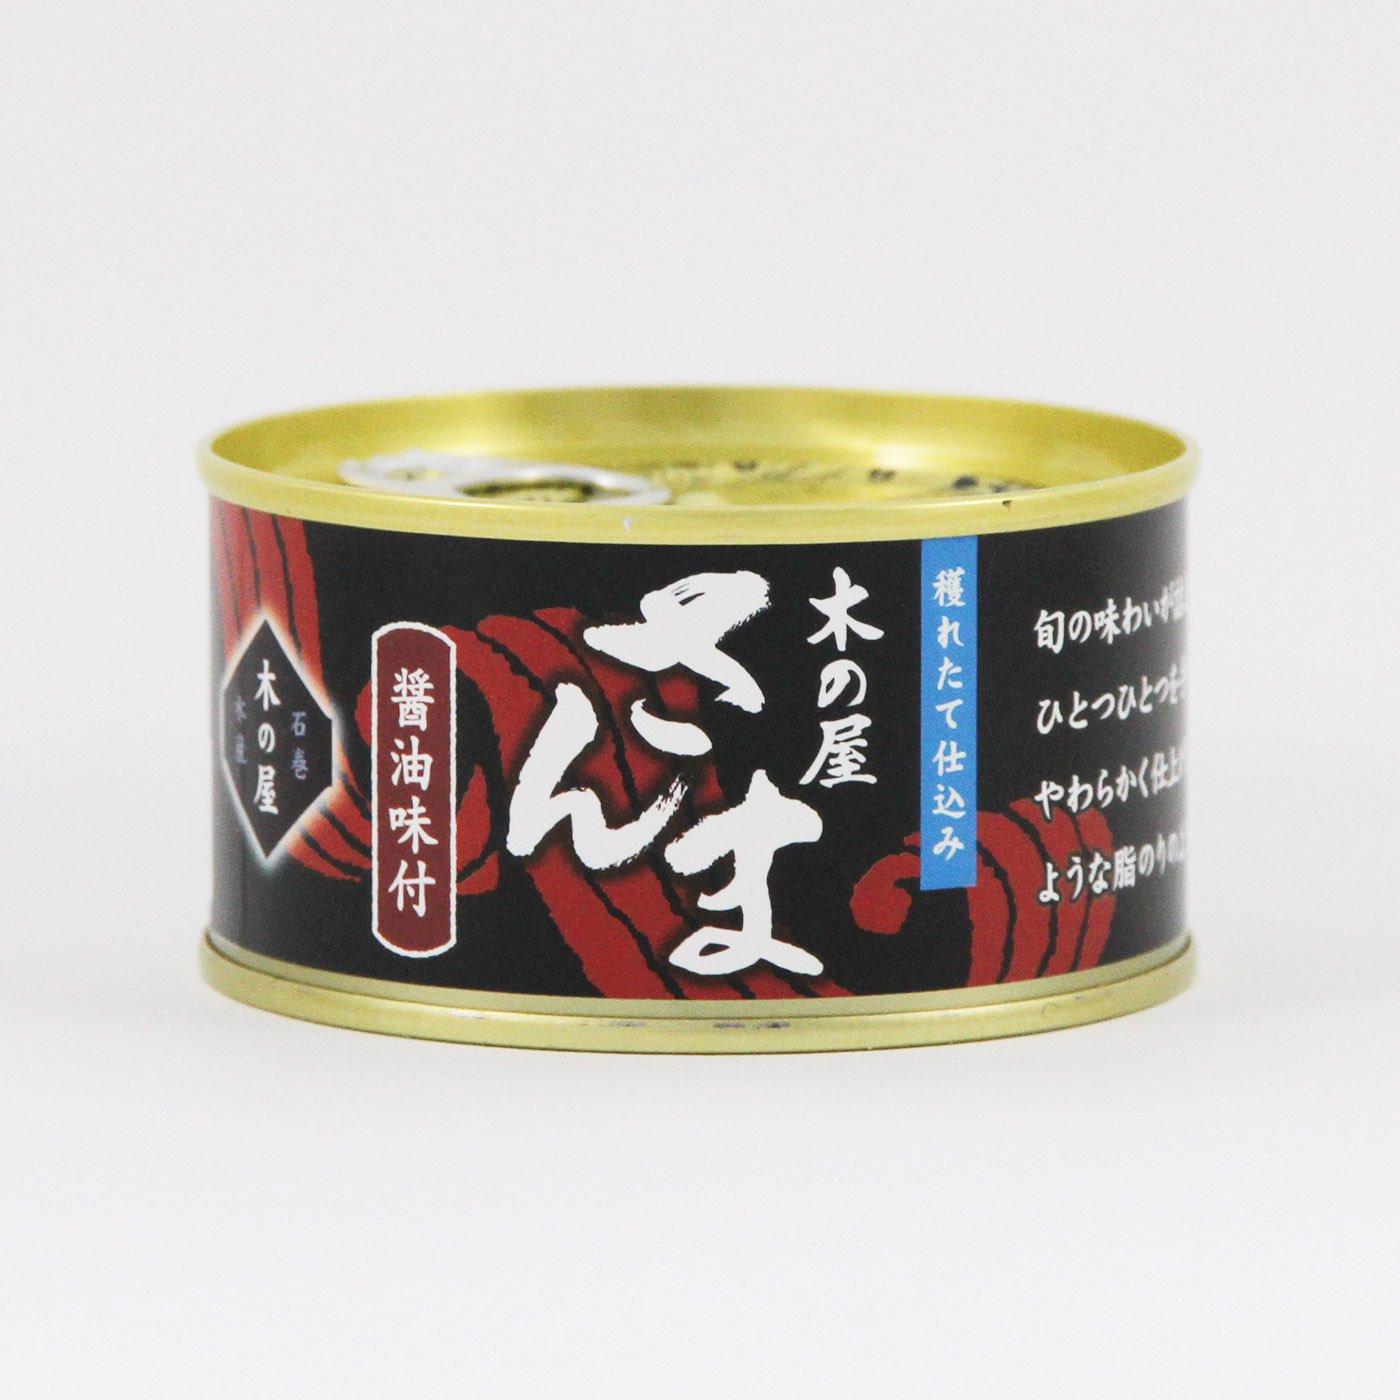 さんま缶詰(醤油味付)